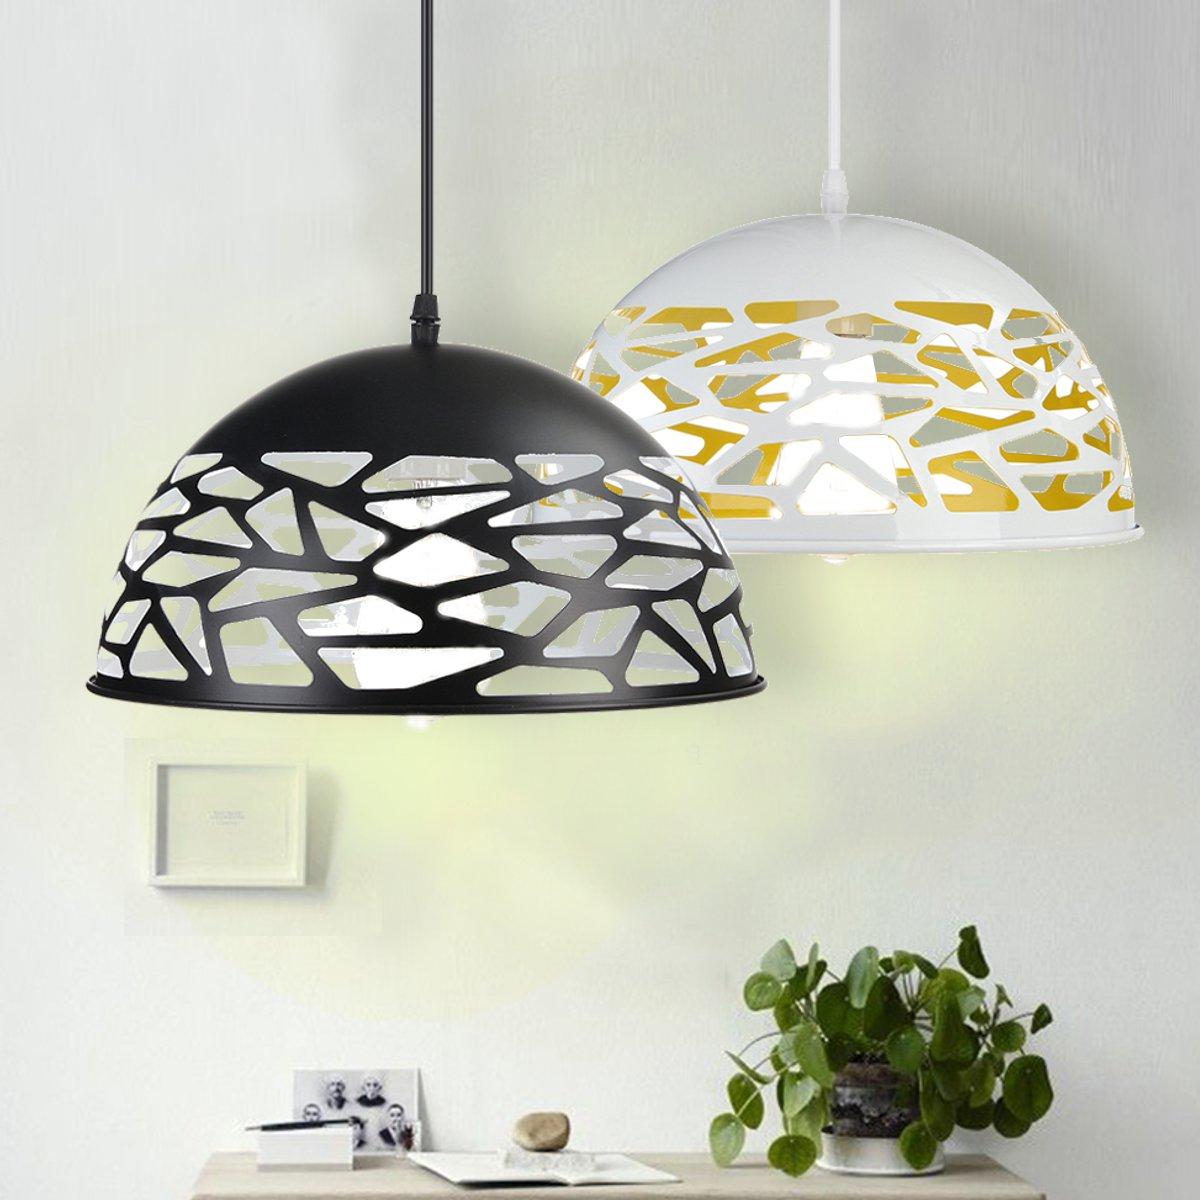 1 Stücke Moderne Leuchte Decke Anhänger Hängeleuchte Kronleuchter Lampe  Startseite Dining Passend Für Korridor Café Arbeitszimmer